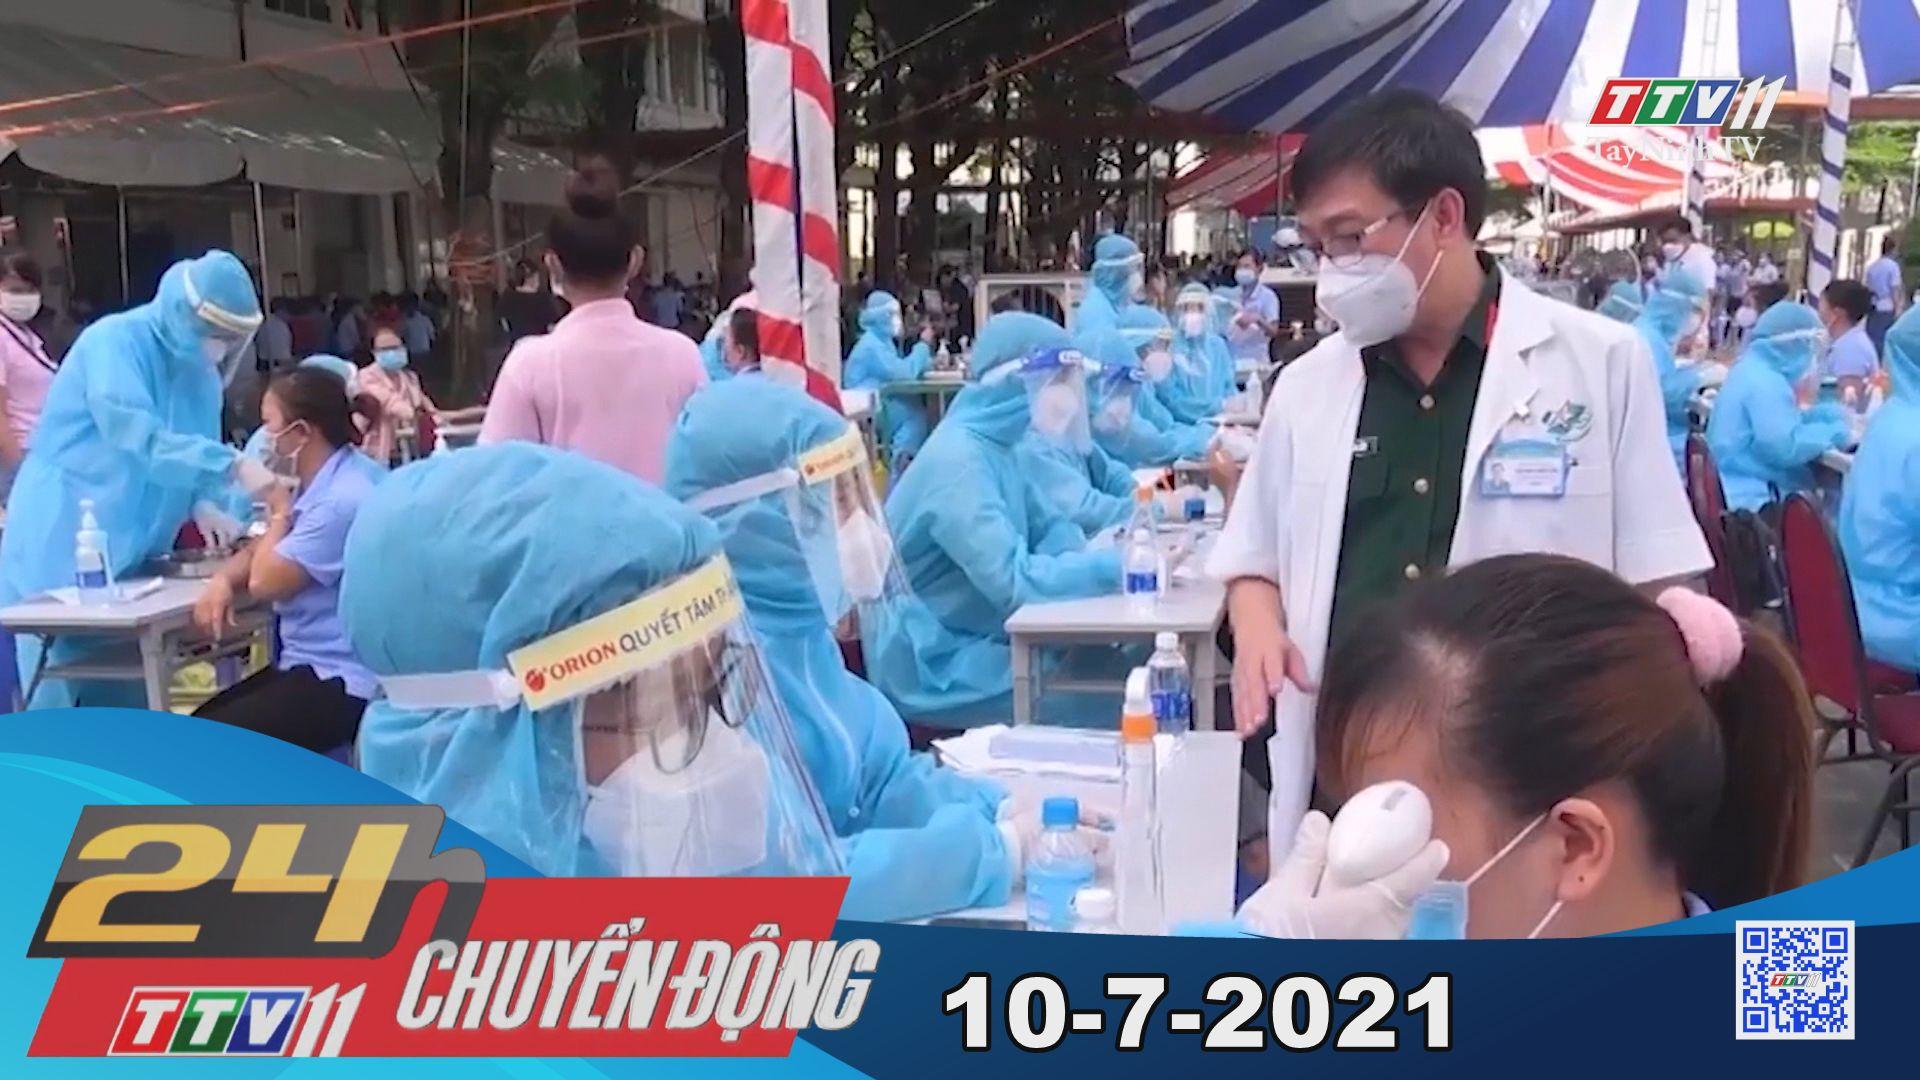 24h Chuyển động 10-7-2021   Tin tức hôm nay   TayNinhTV